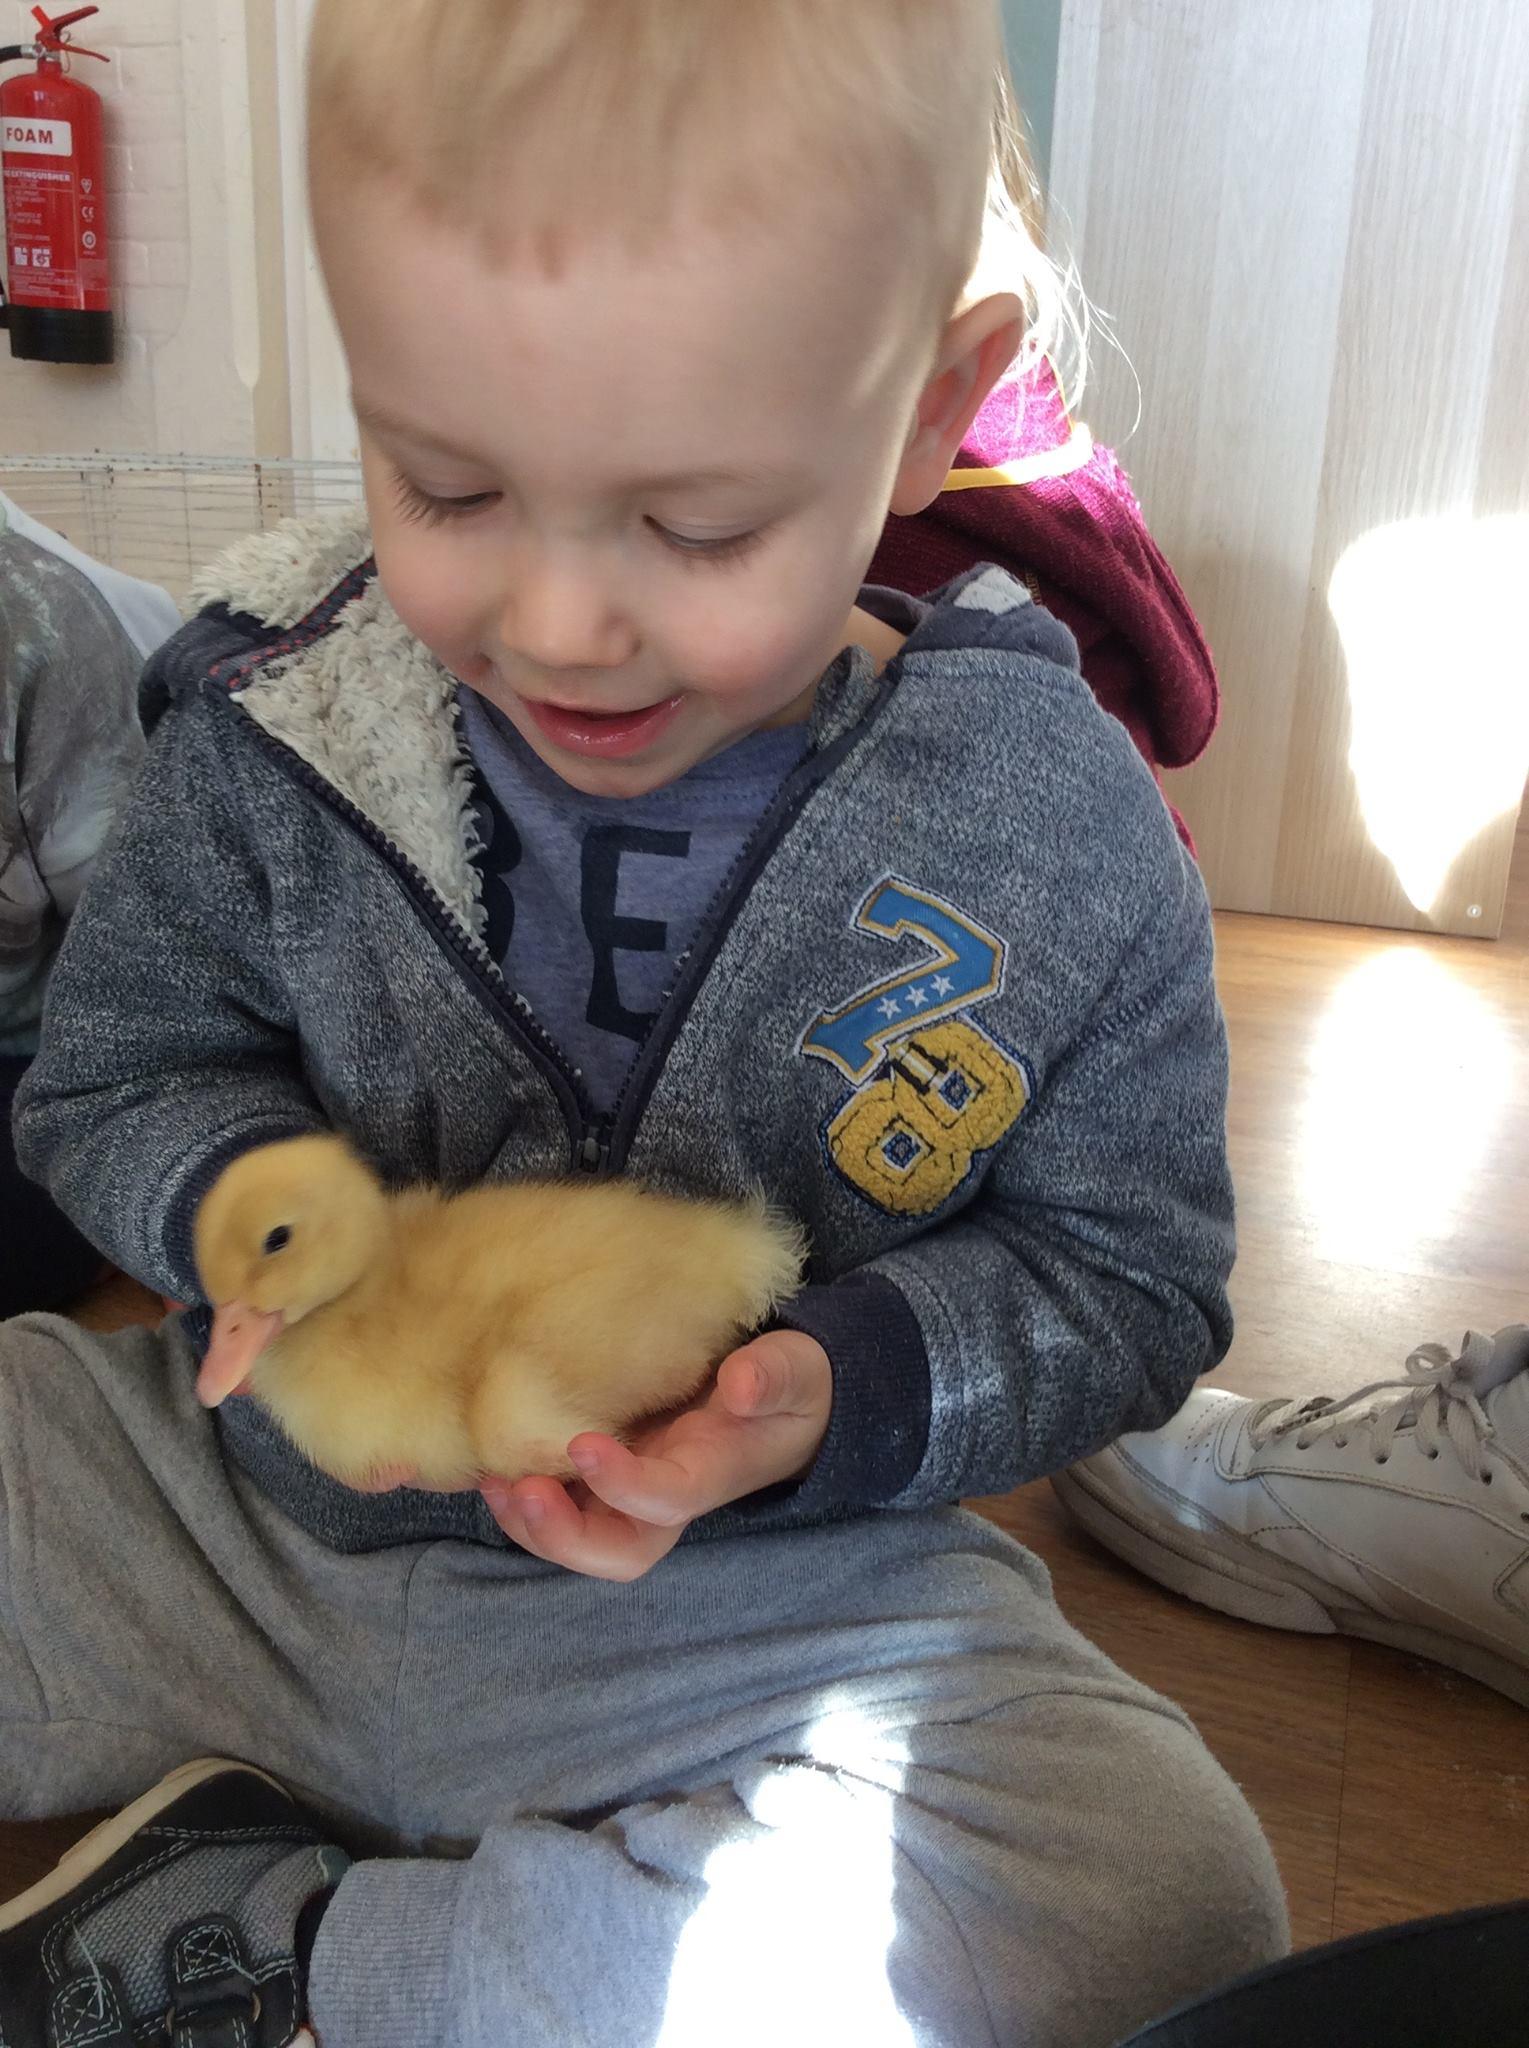 Ducklings at Lytchett Minster